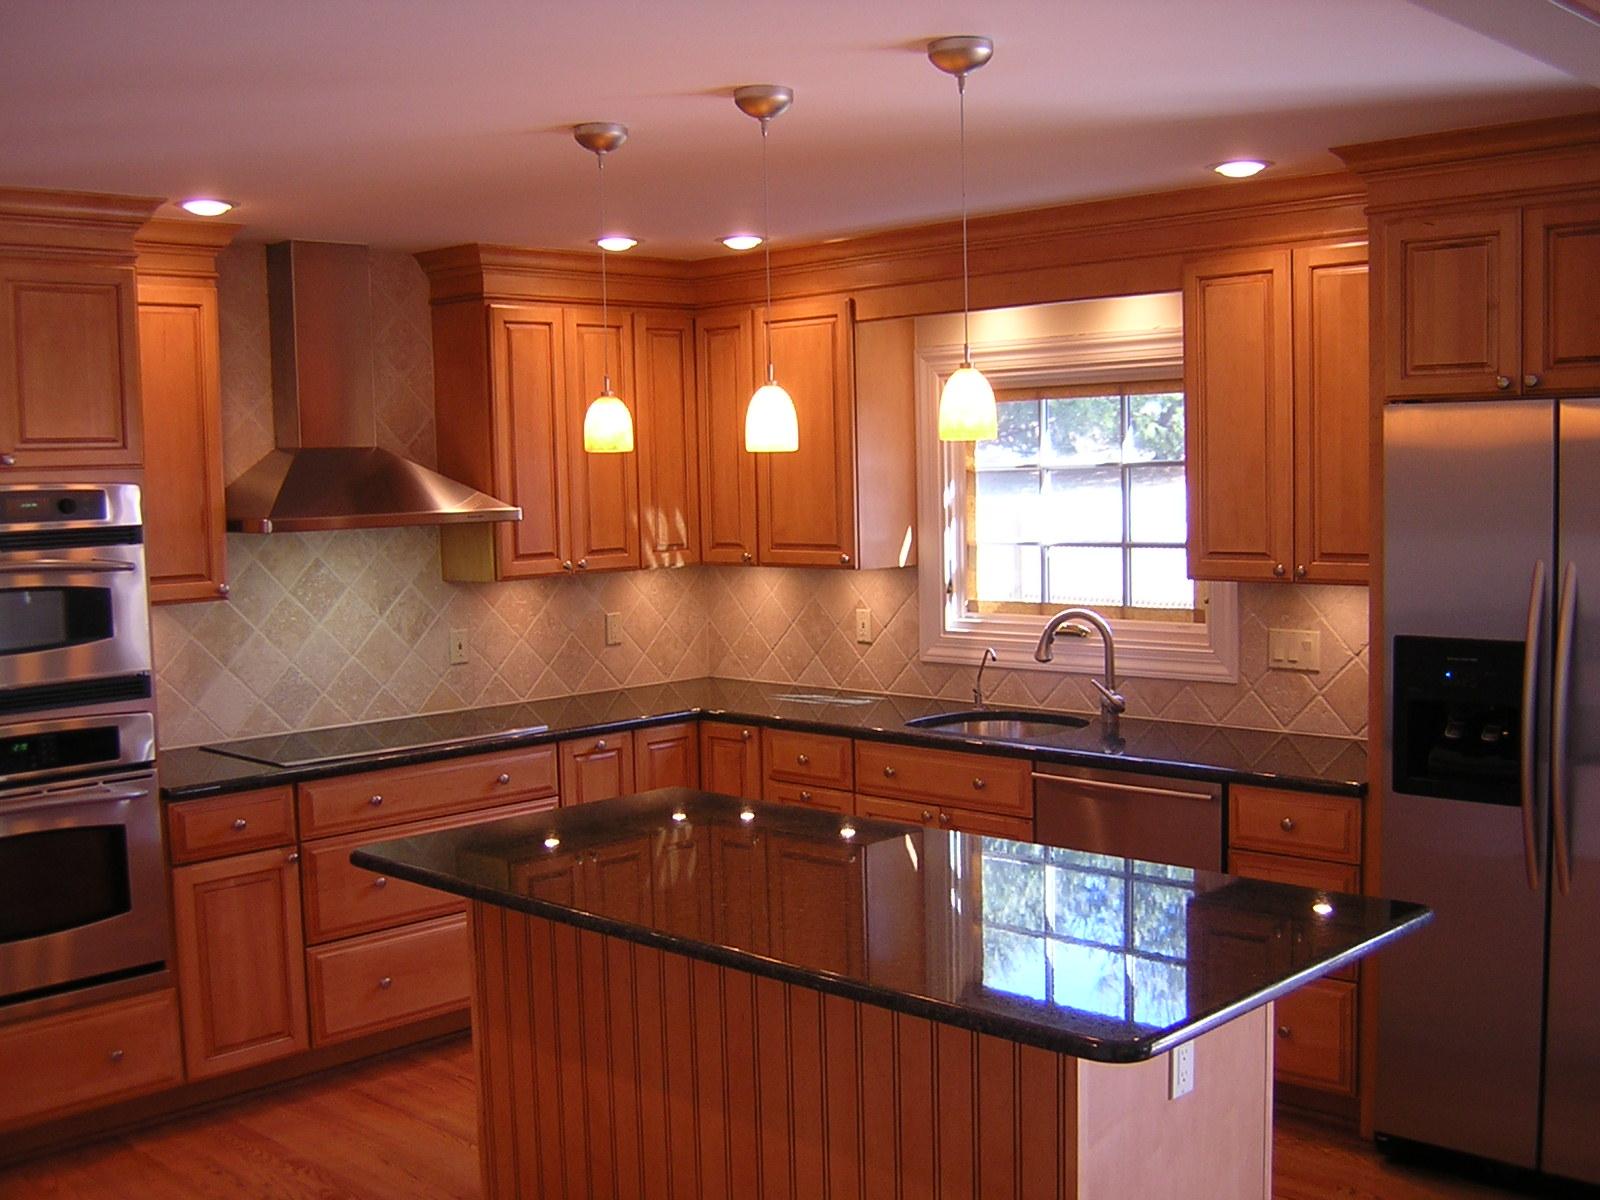 kitchen granite countertop design ideas photo - 5